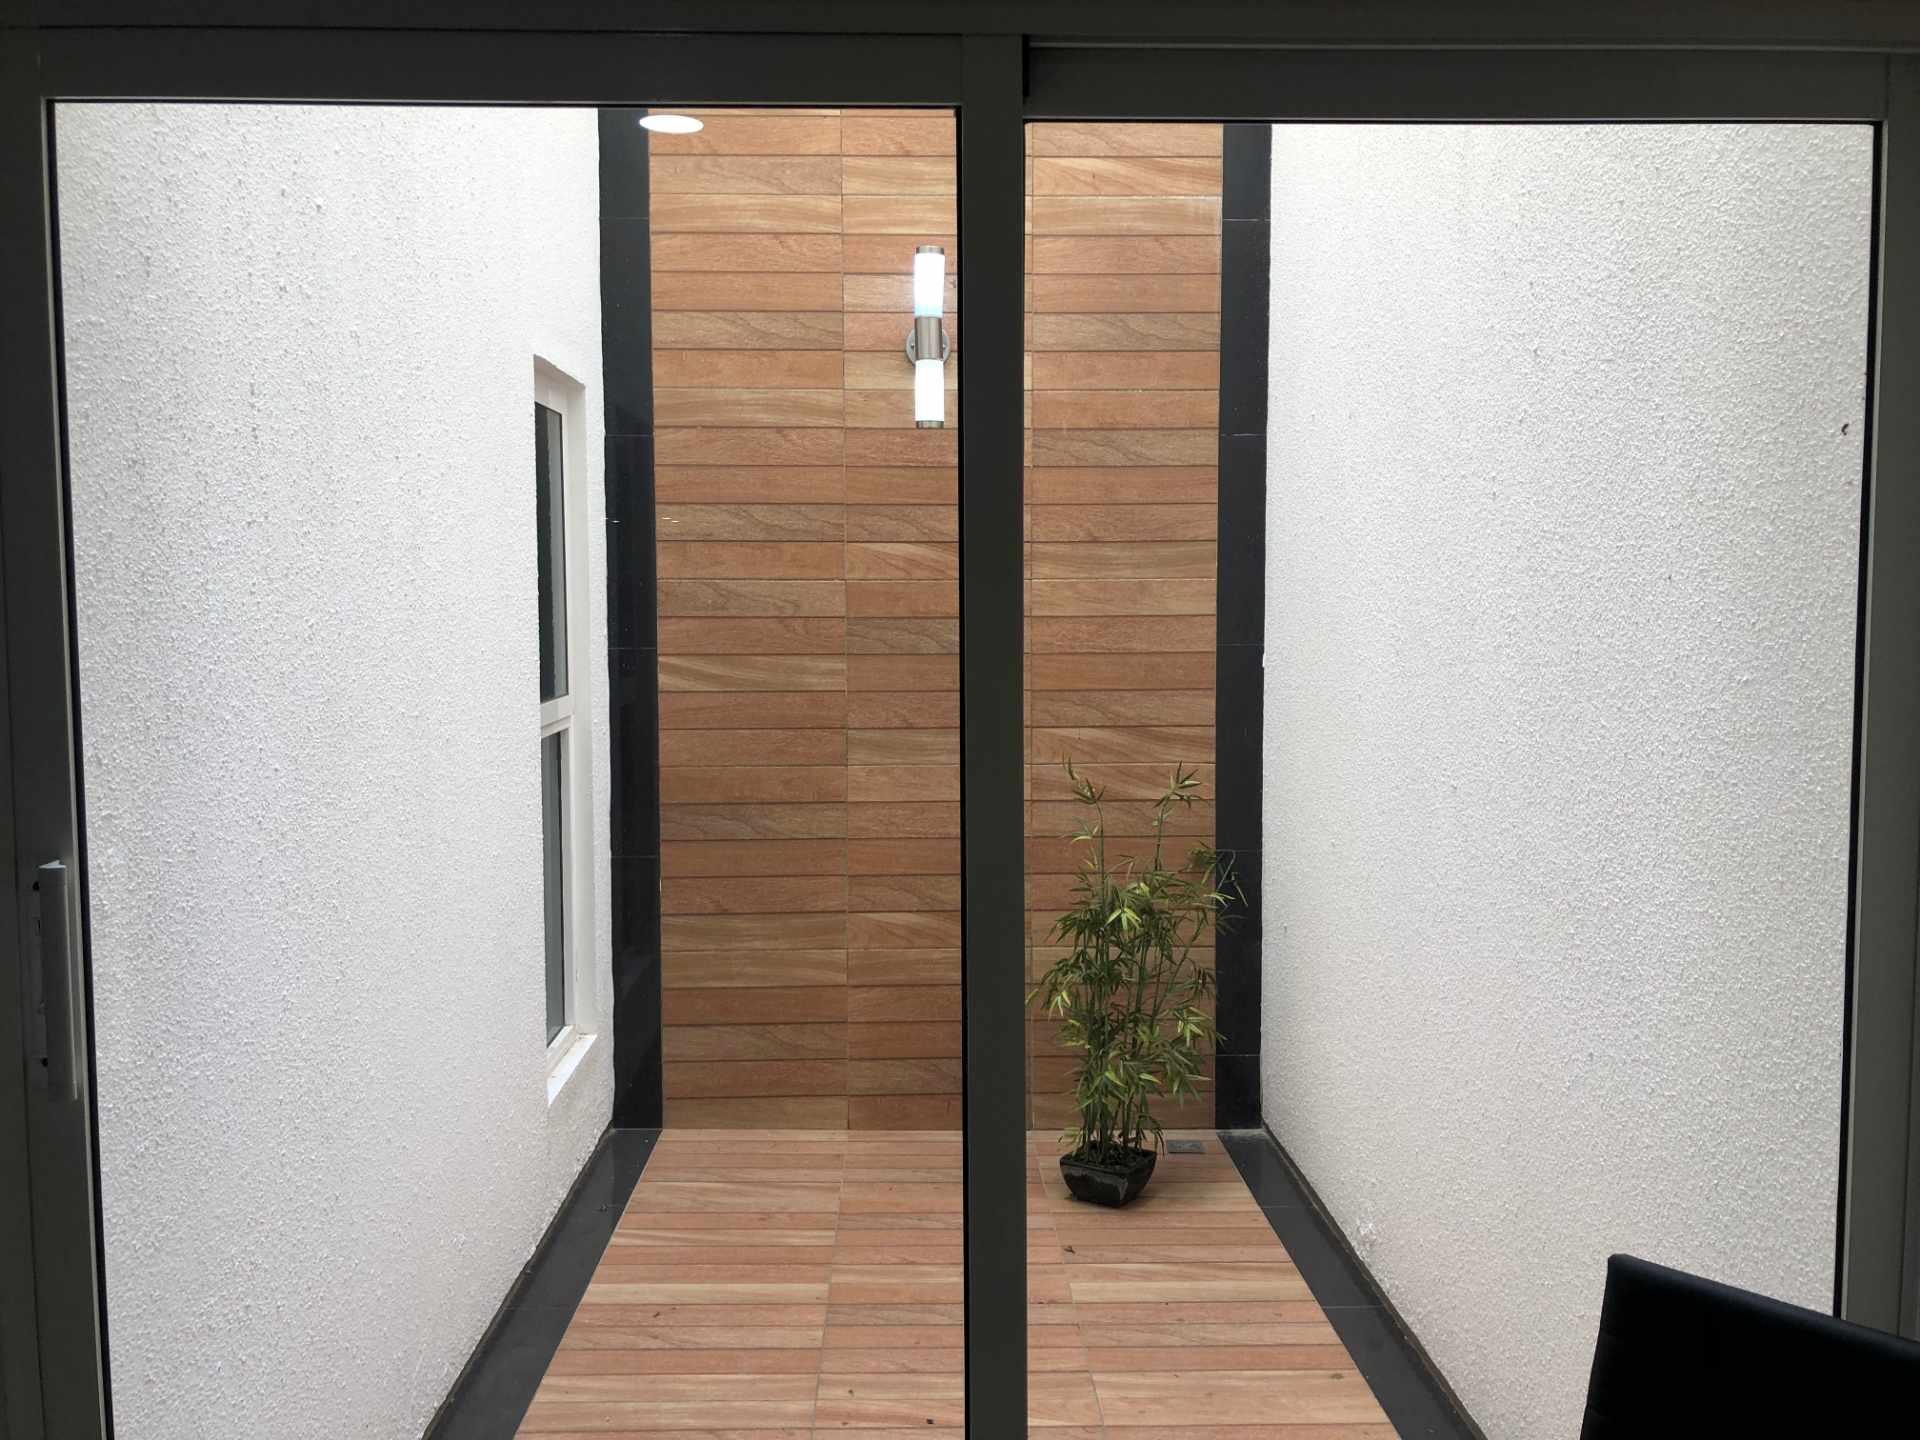 Departamento en Alquiler Condominio Onix [Equipetrol Norte], Departamento monoambiente full amoblado de lujo en alquiler, con parqueo techado. [600$us., expensas incluidas] Foto 11